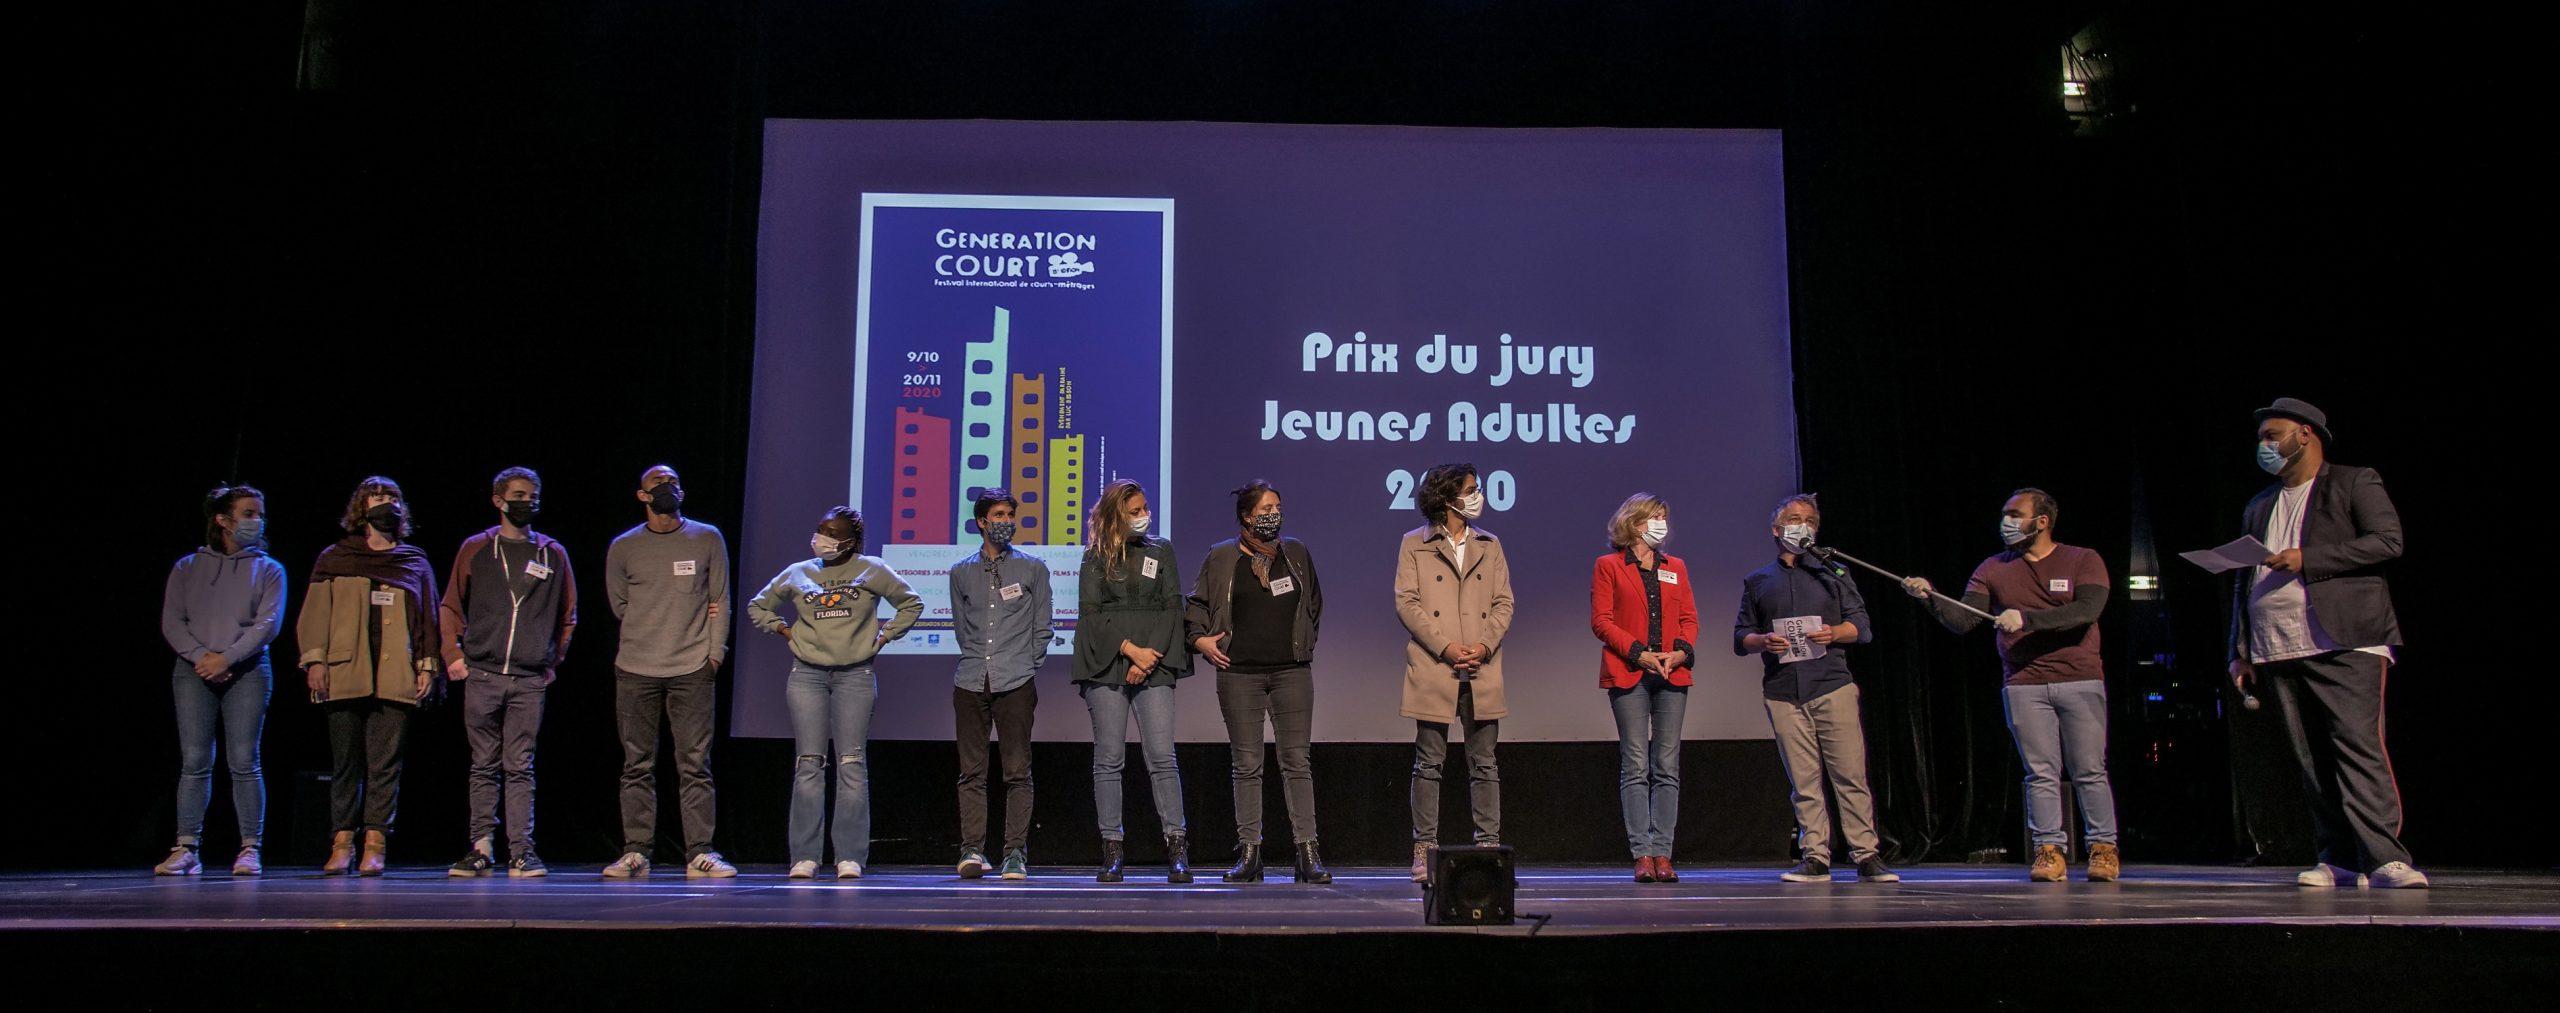 Le jury de la 15e édition de génération Court